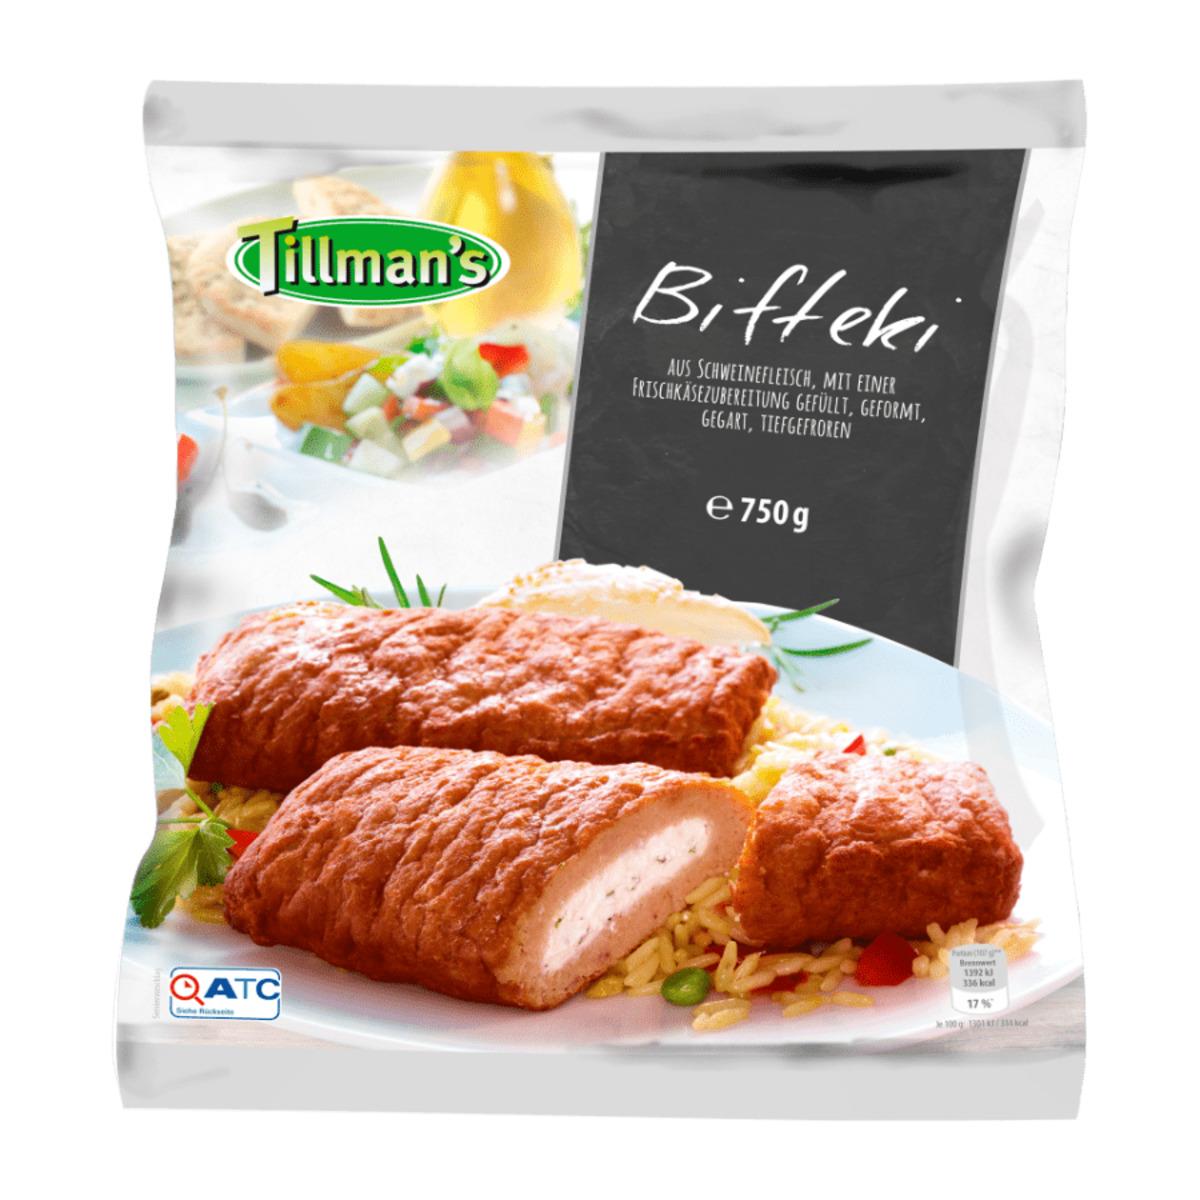 Bild 3 von Tillman's Bifteki